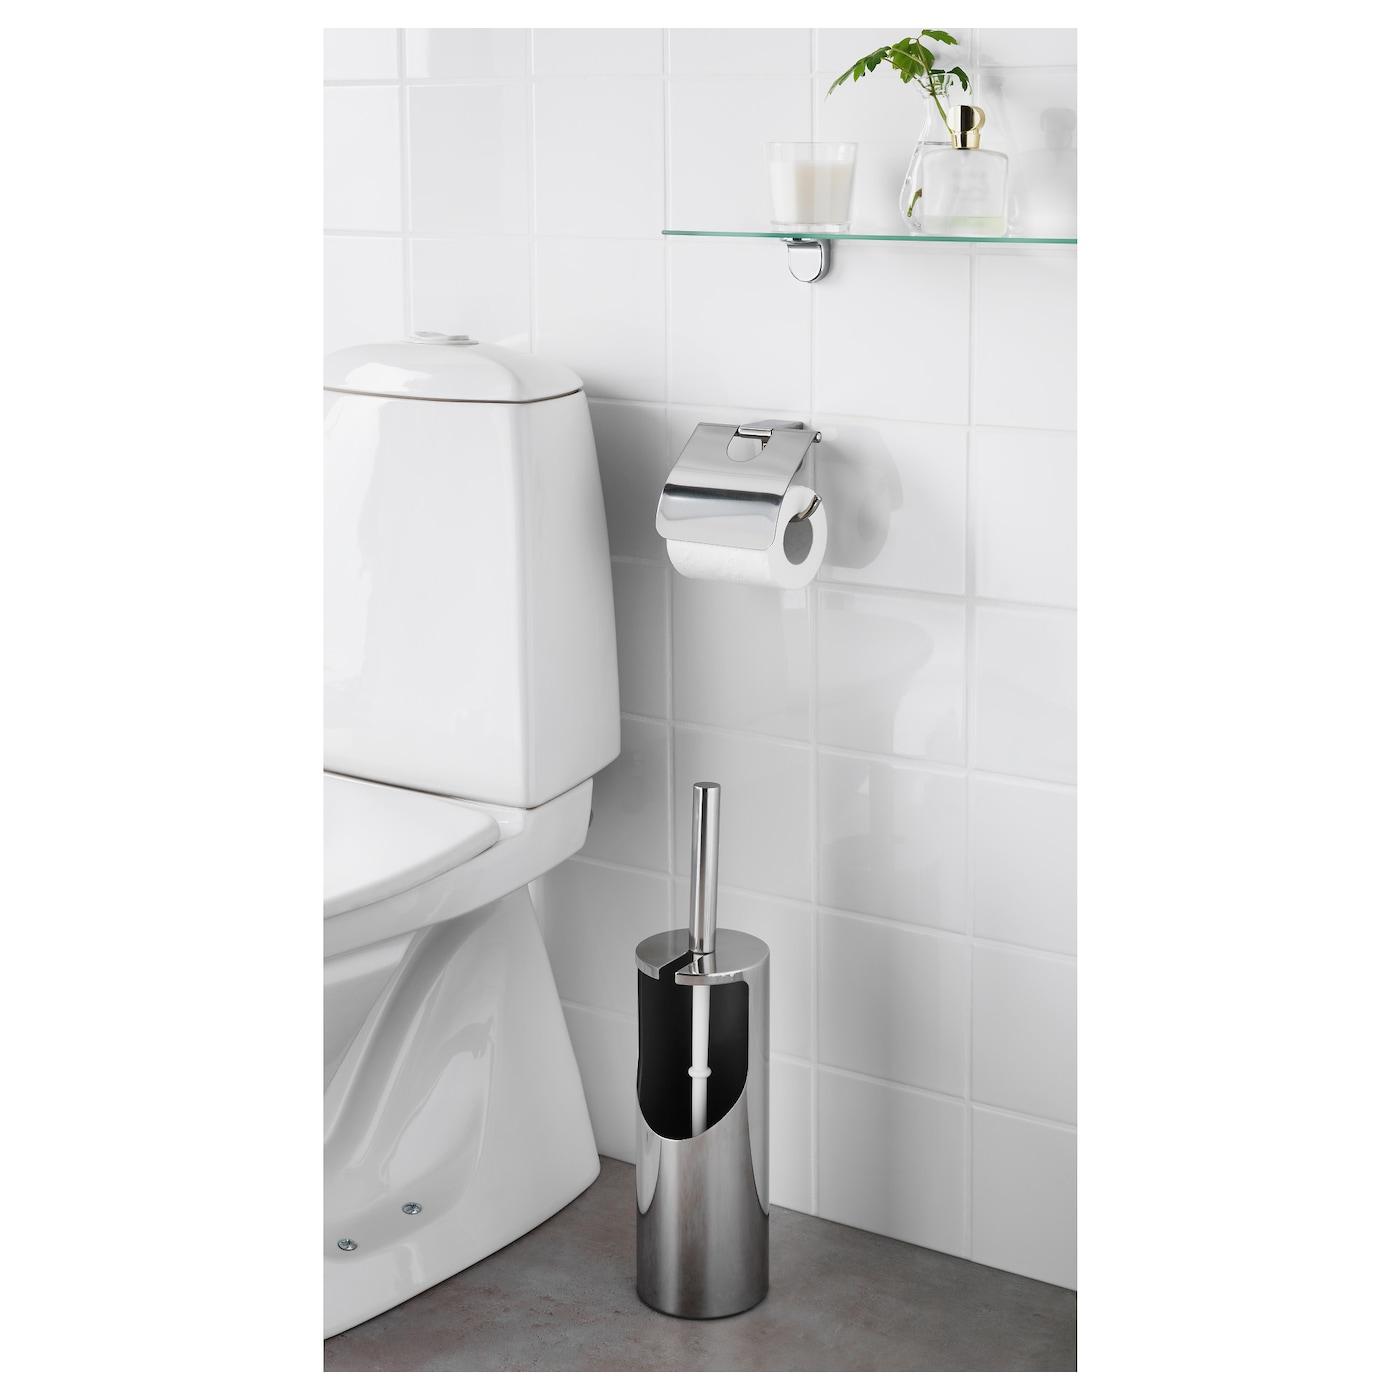 kalkgrund toilet roll holder chrome plated ikea. Black Bedroom Furniture Sets. Home Design Ideas